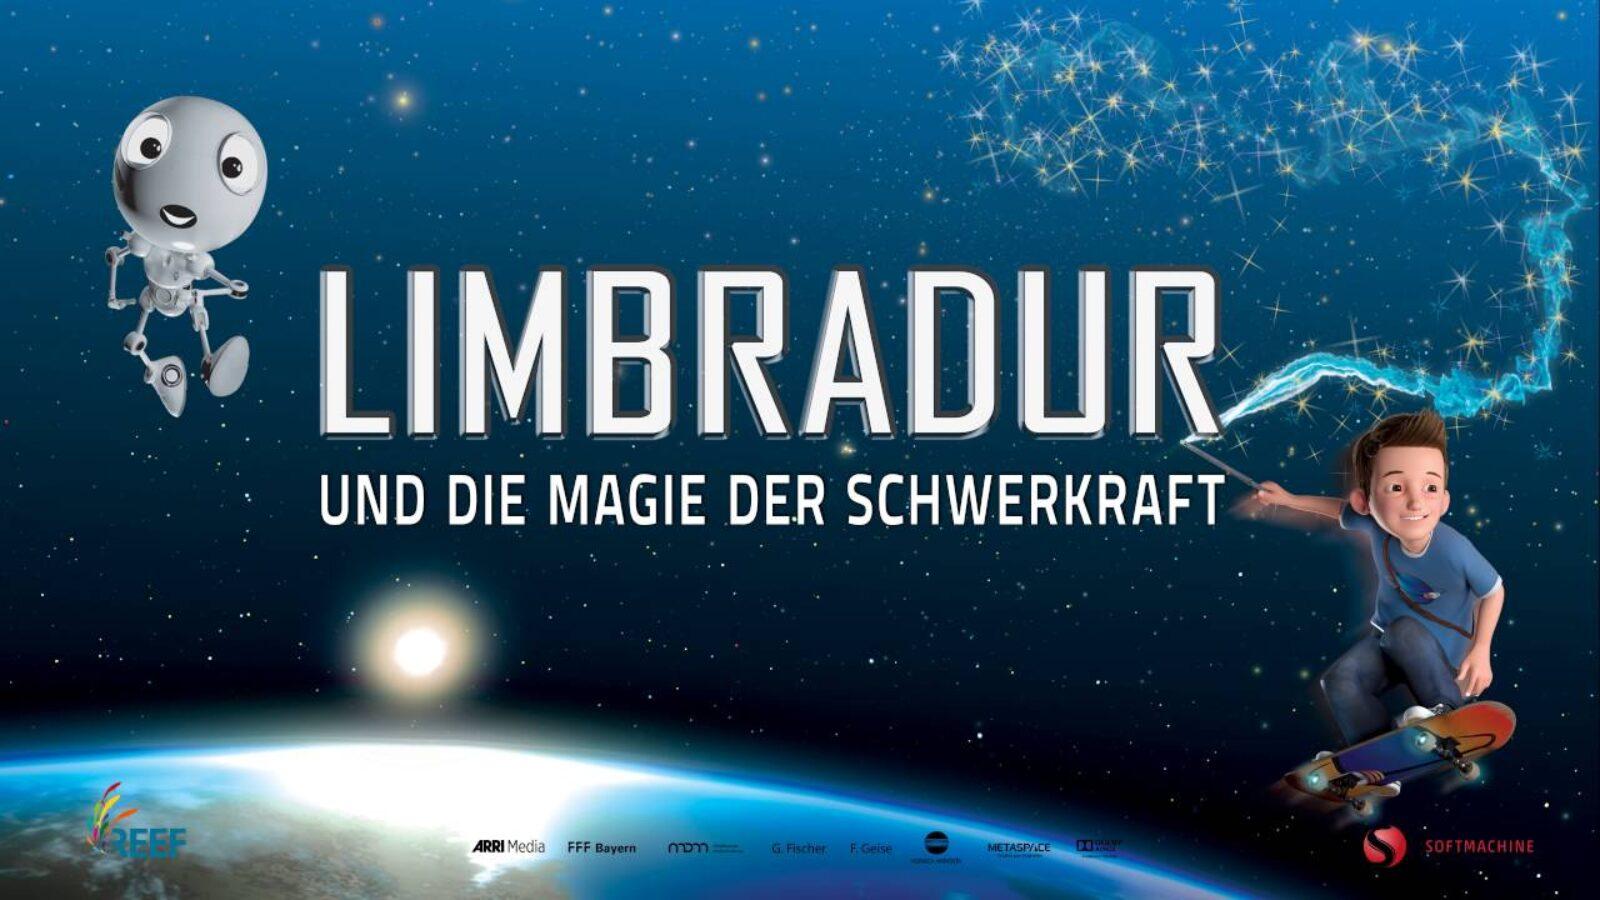 Weltpremiere im Planetarium: Limbradur und die Magie der Schwerkraft